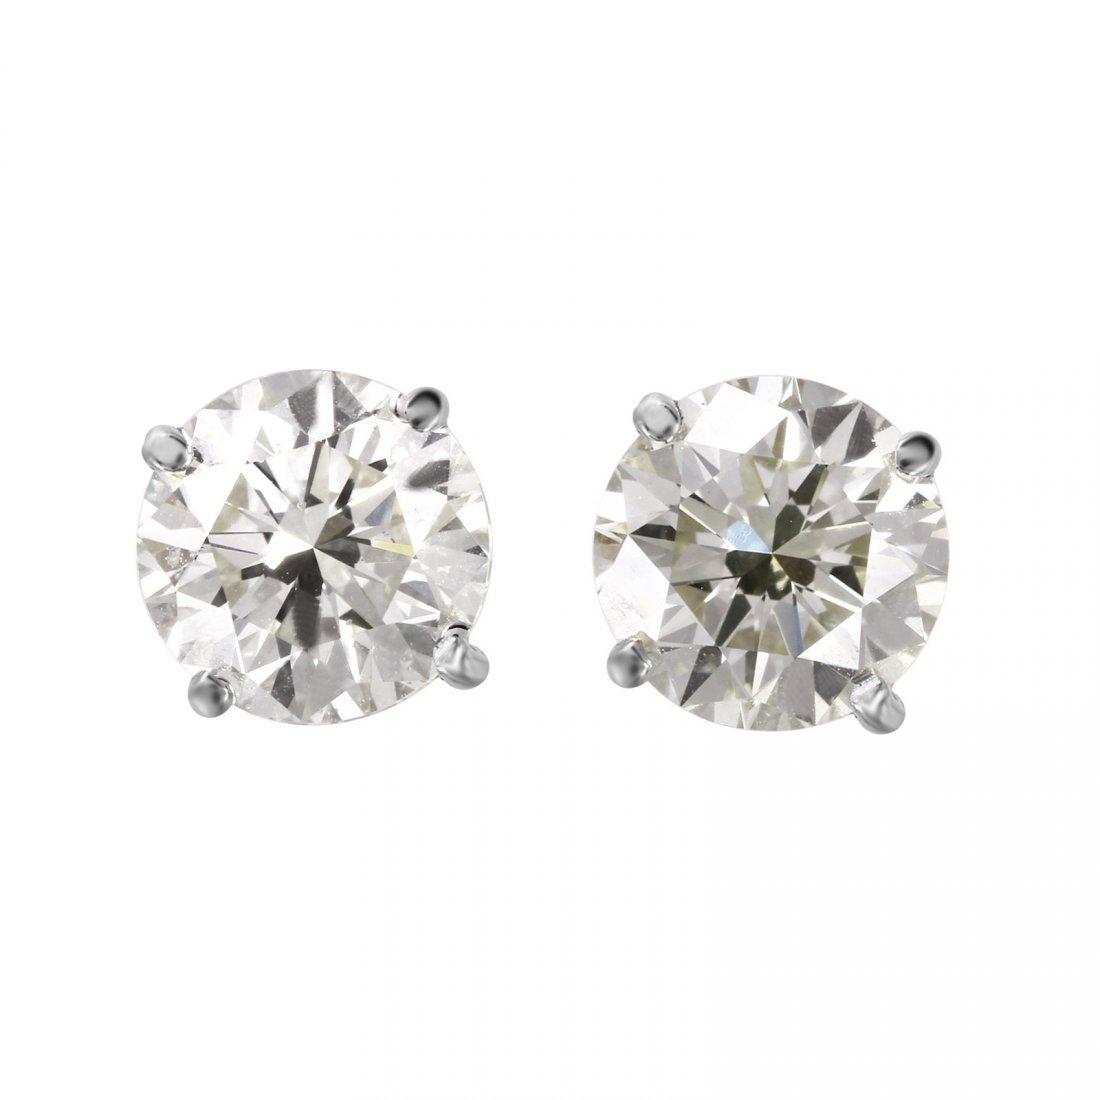 14KT White Gold Diamond Stud Earrings - #1698